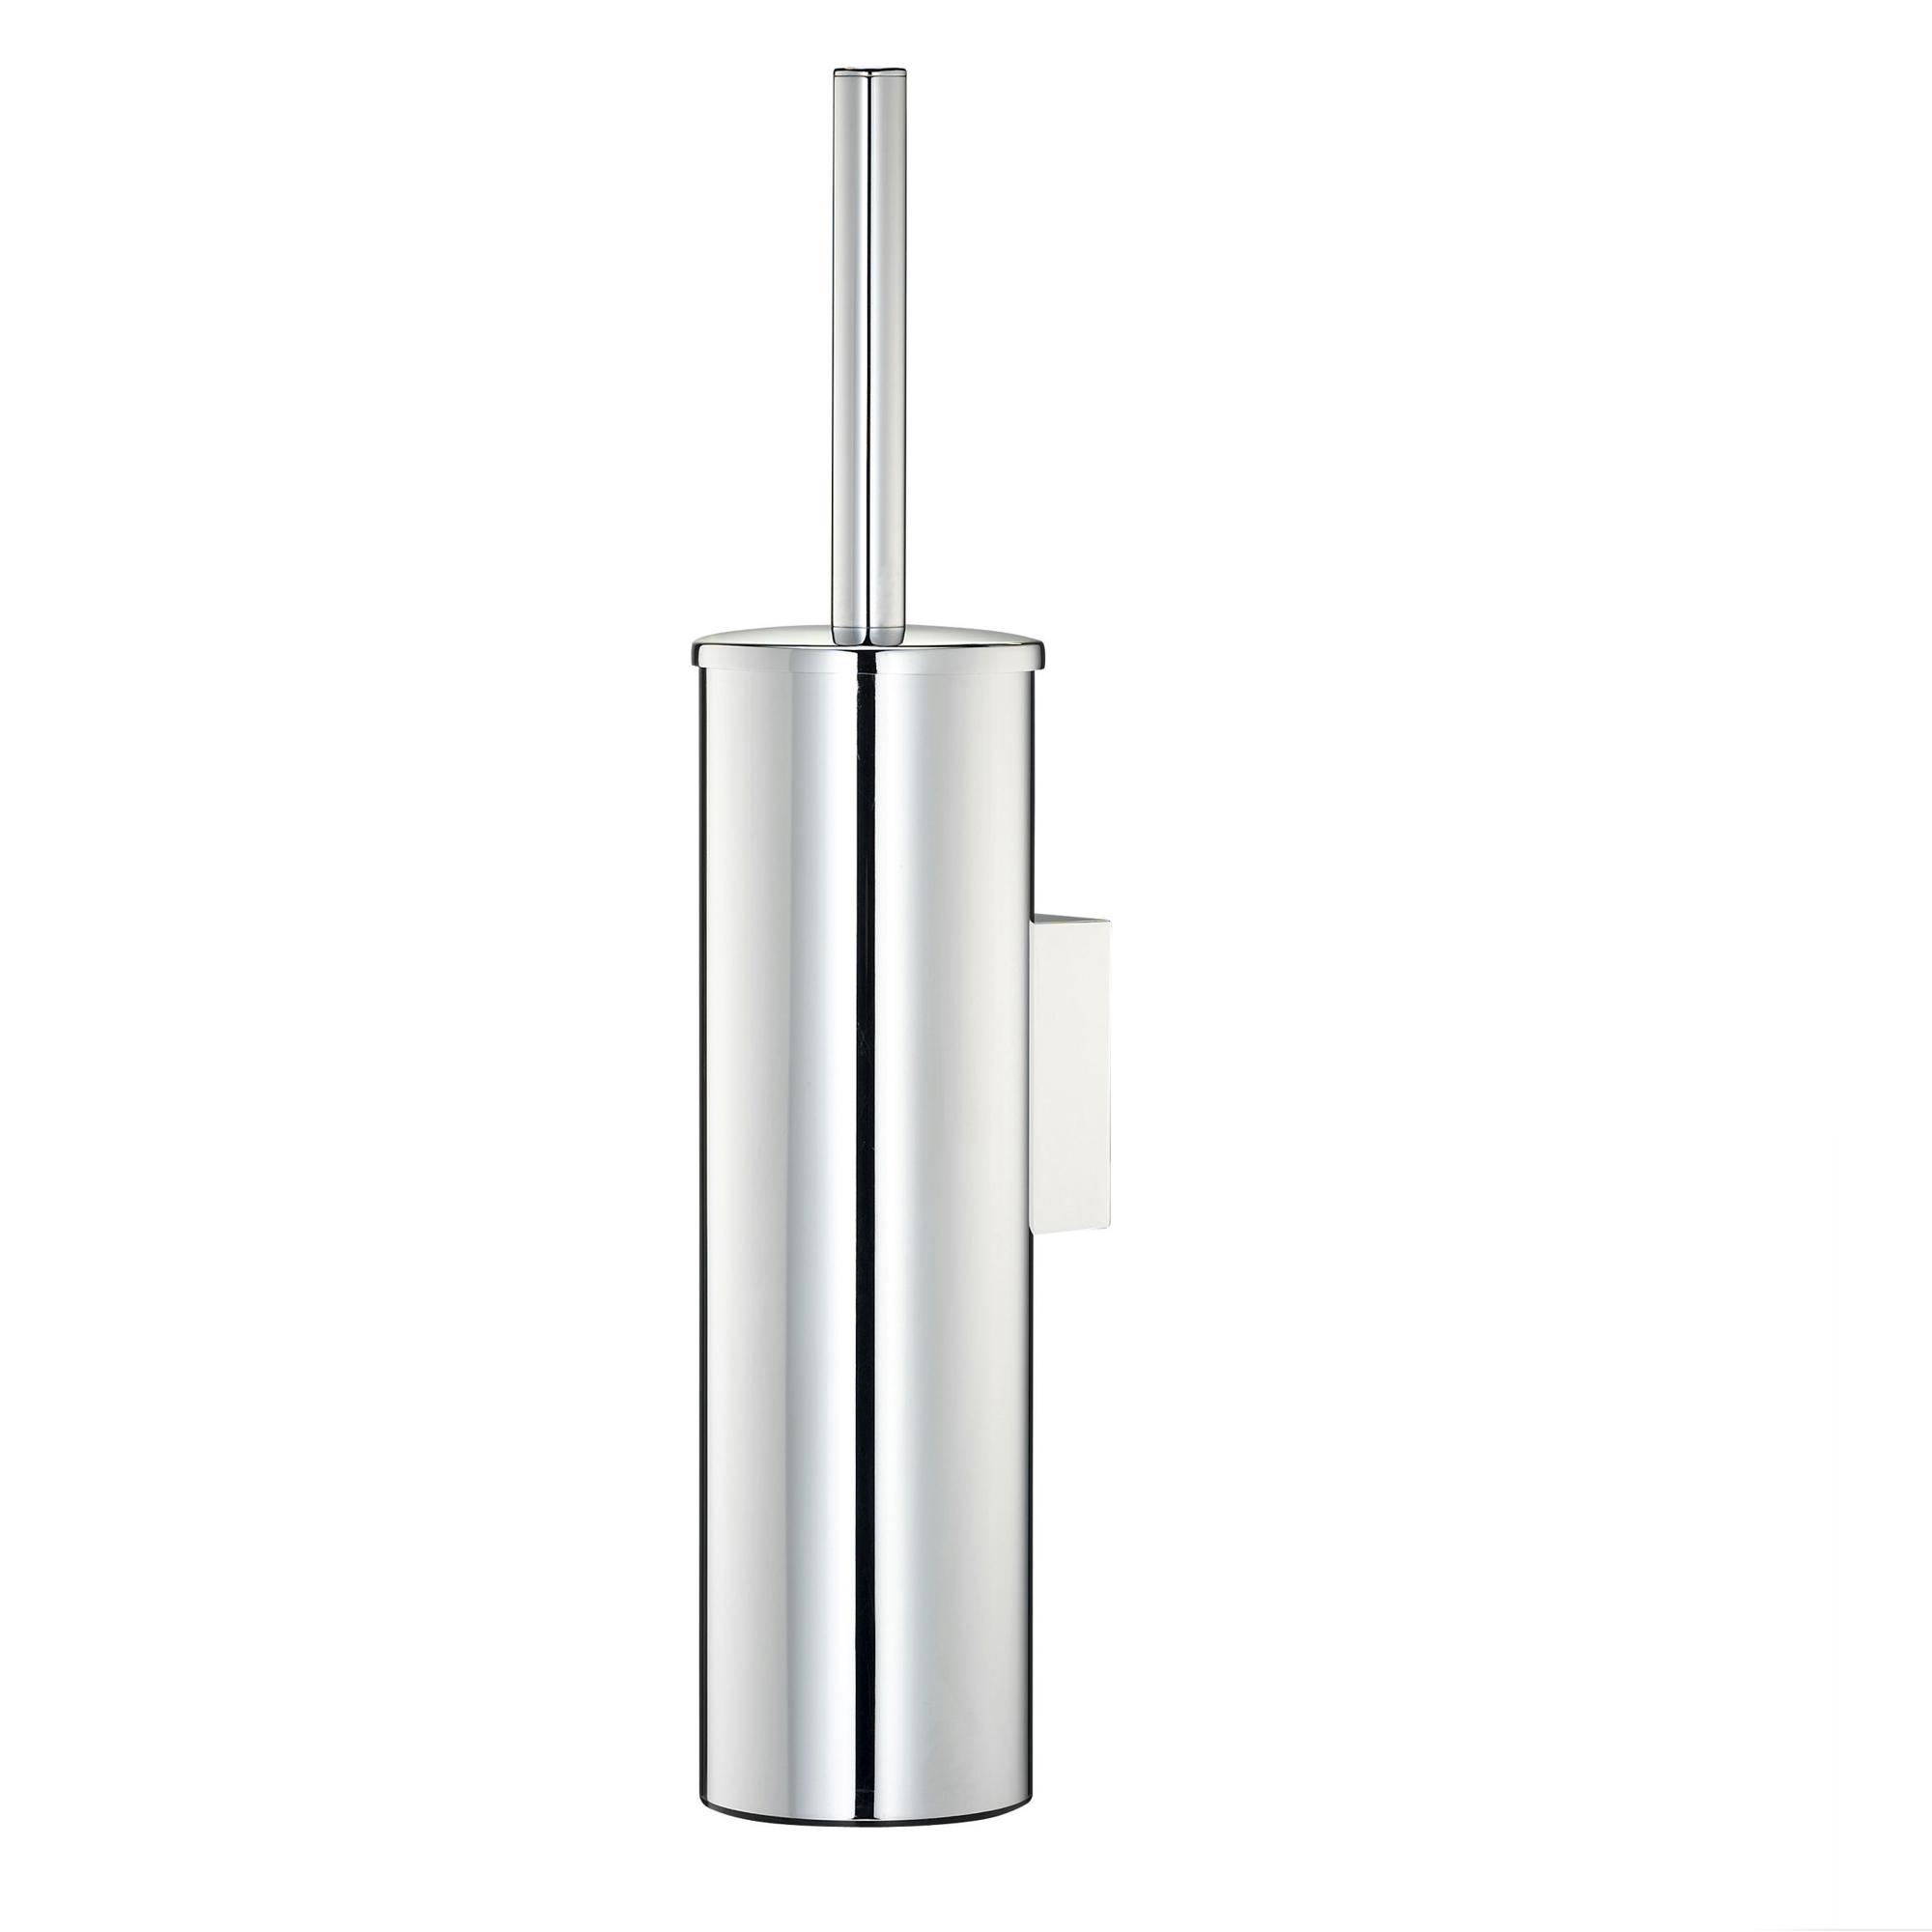 Щетка для унитаза подвесная, K-1087, металл, хром WasserKraft недорого